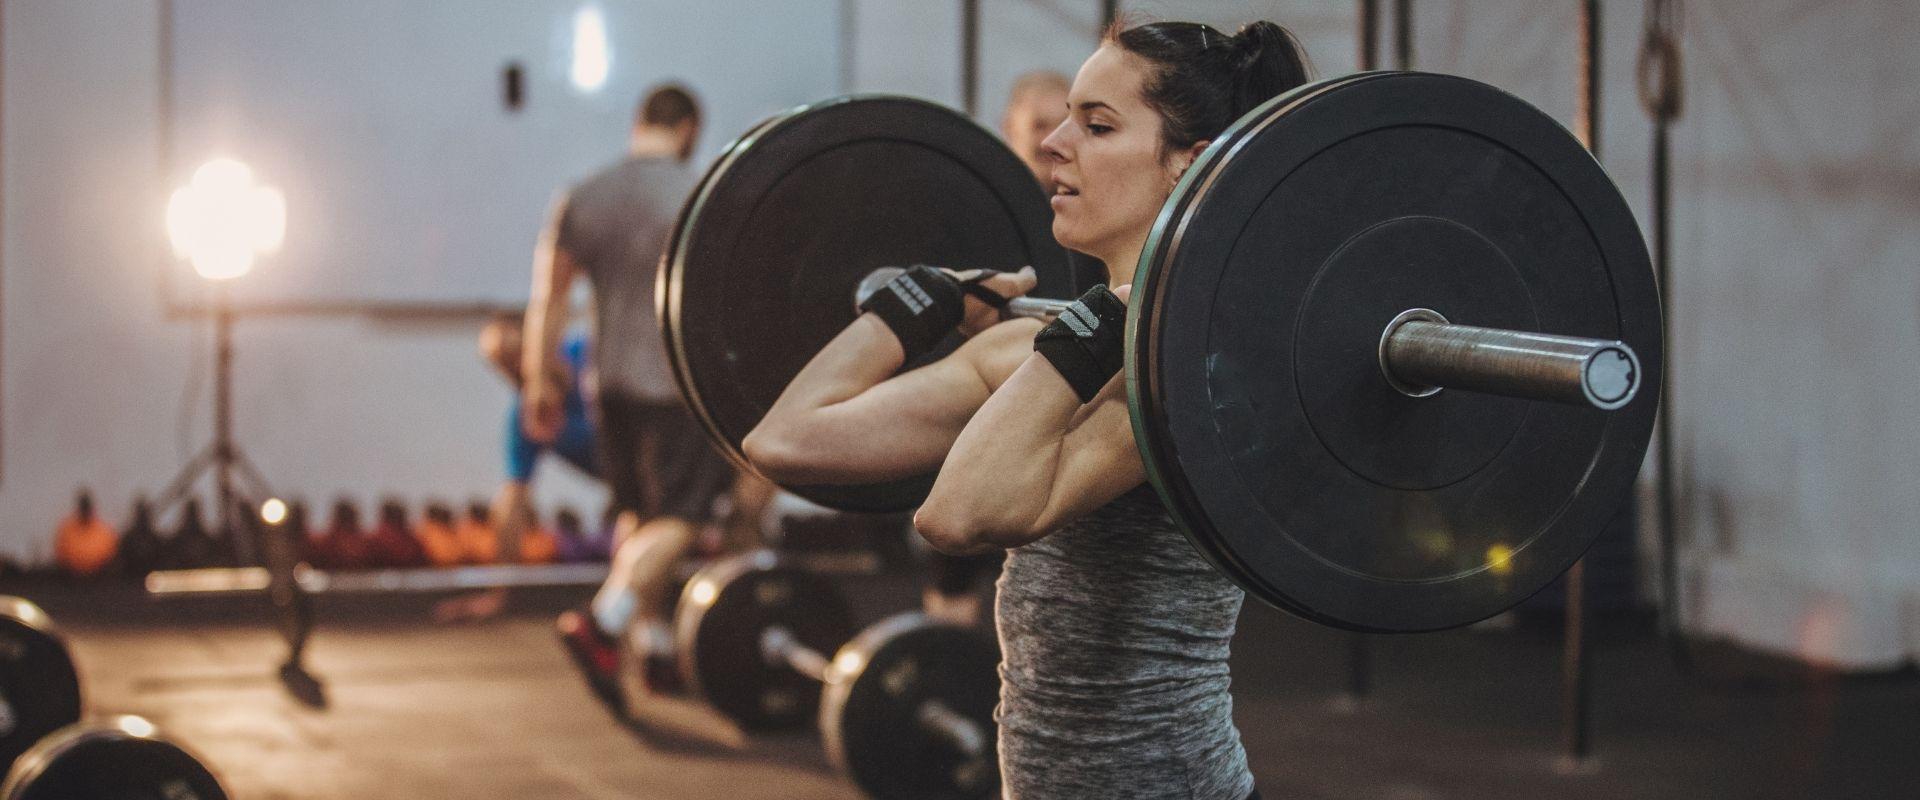 Frauen und Testosteron: Zu viel oder zu wenig kann Probleme machen